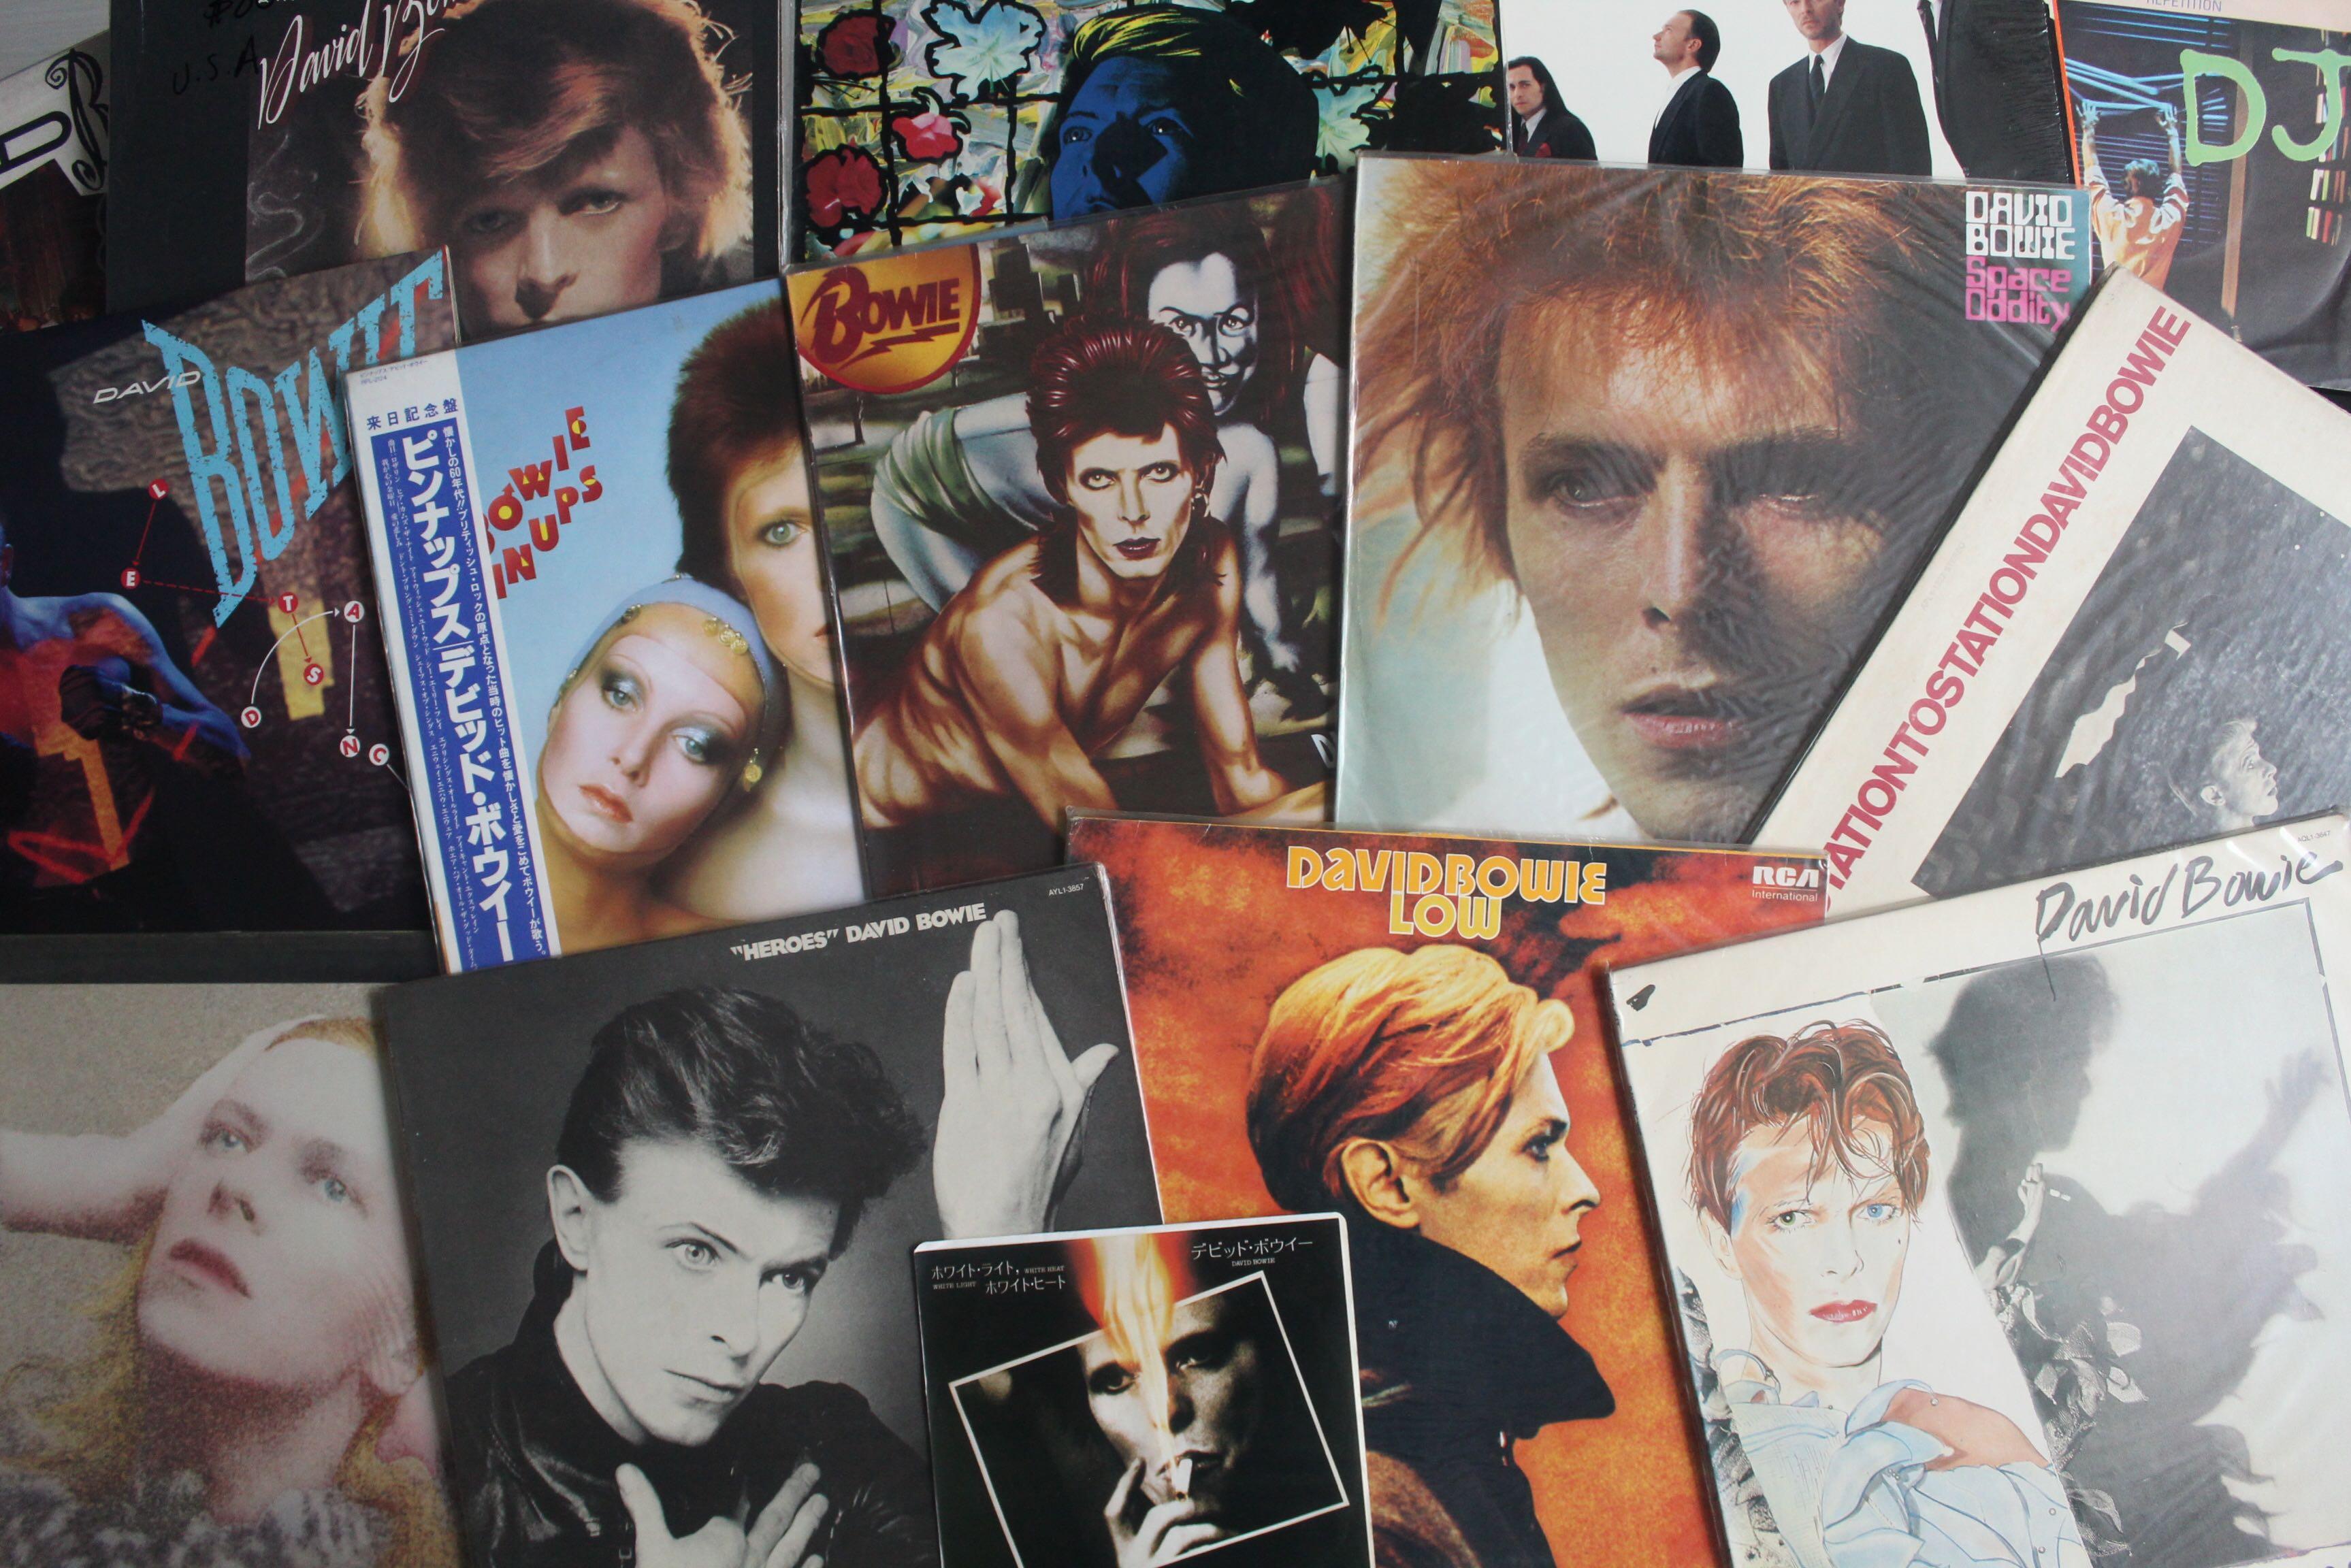 伴隨我成長的 David Bowie 黑膠唱片,如今仍繼續在我的唱盤上馳騁。圖片由作者提供